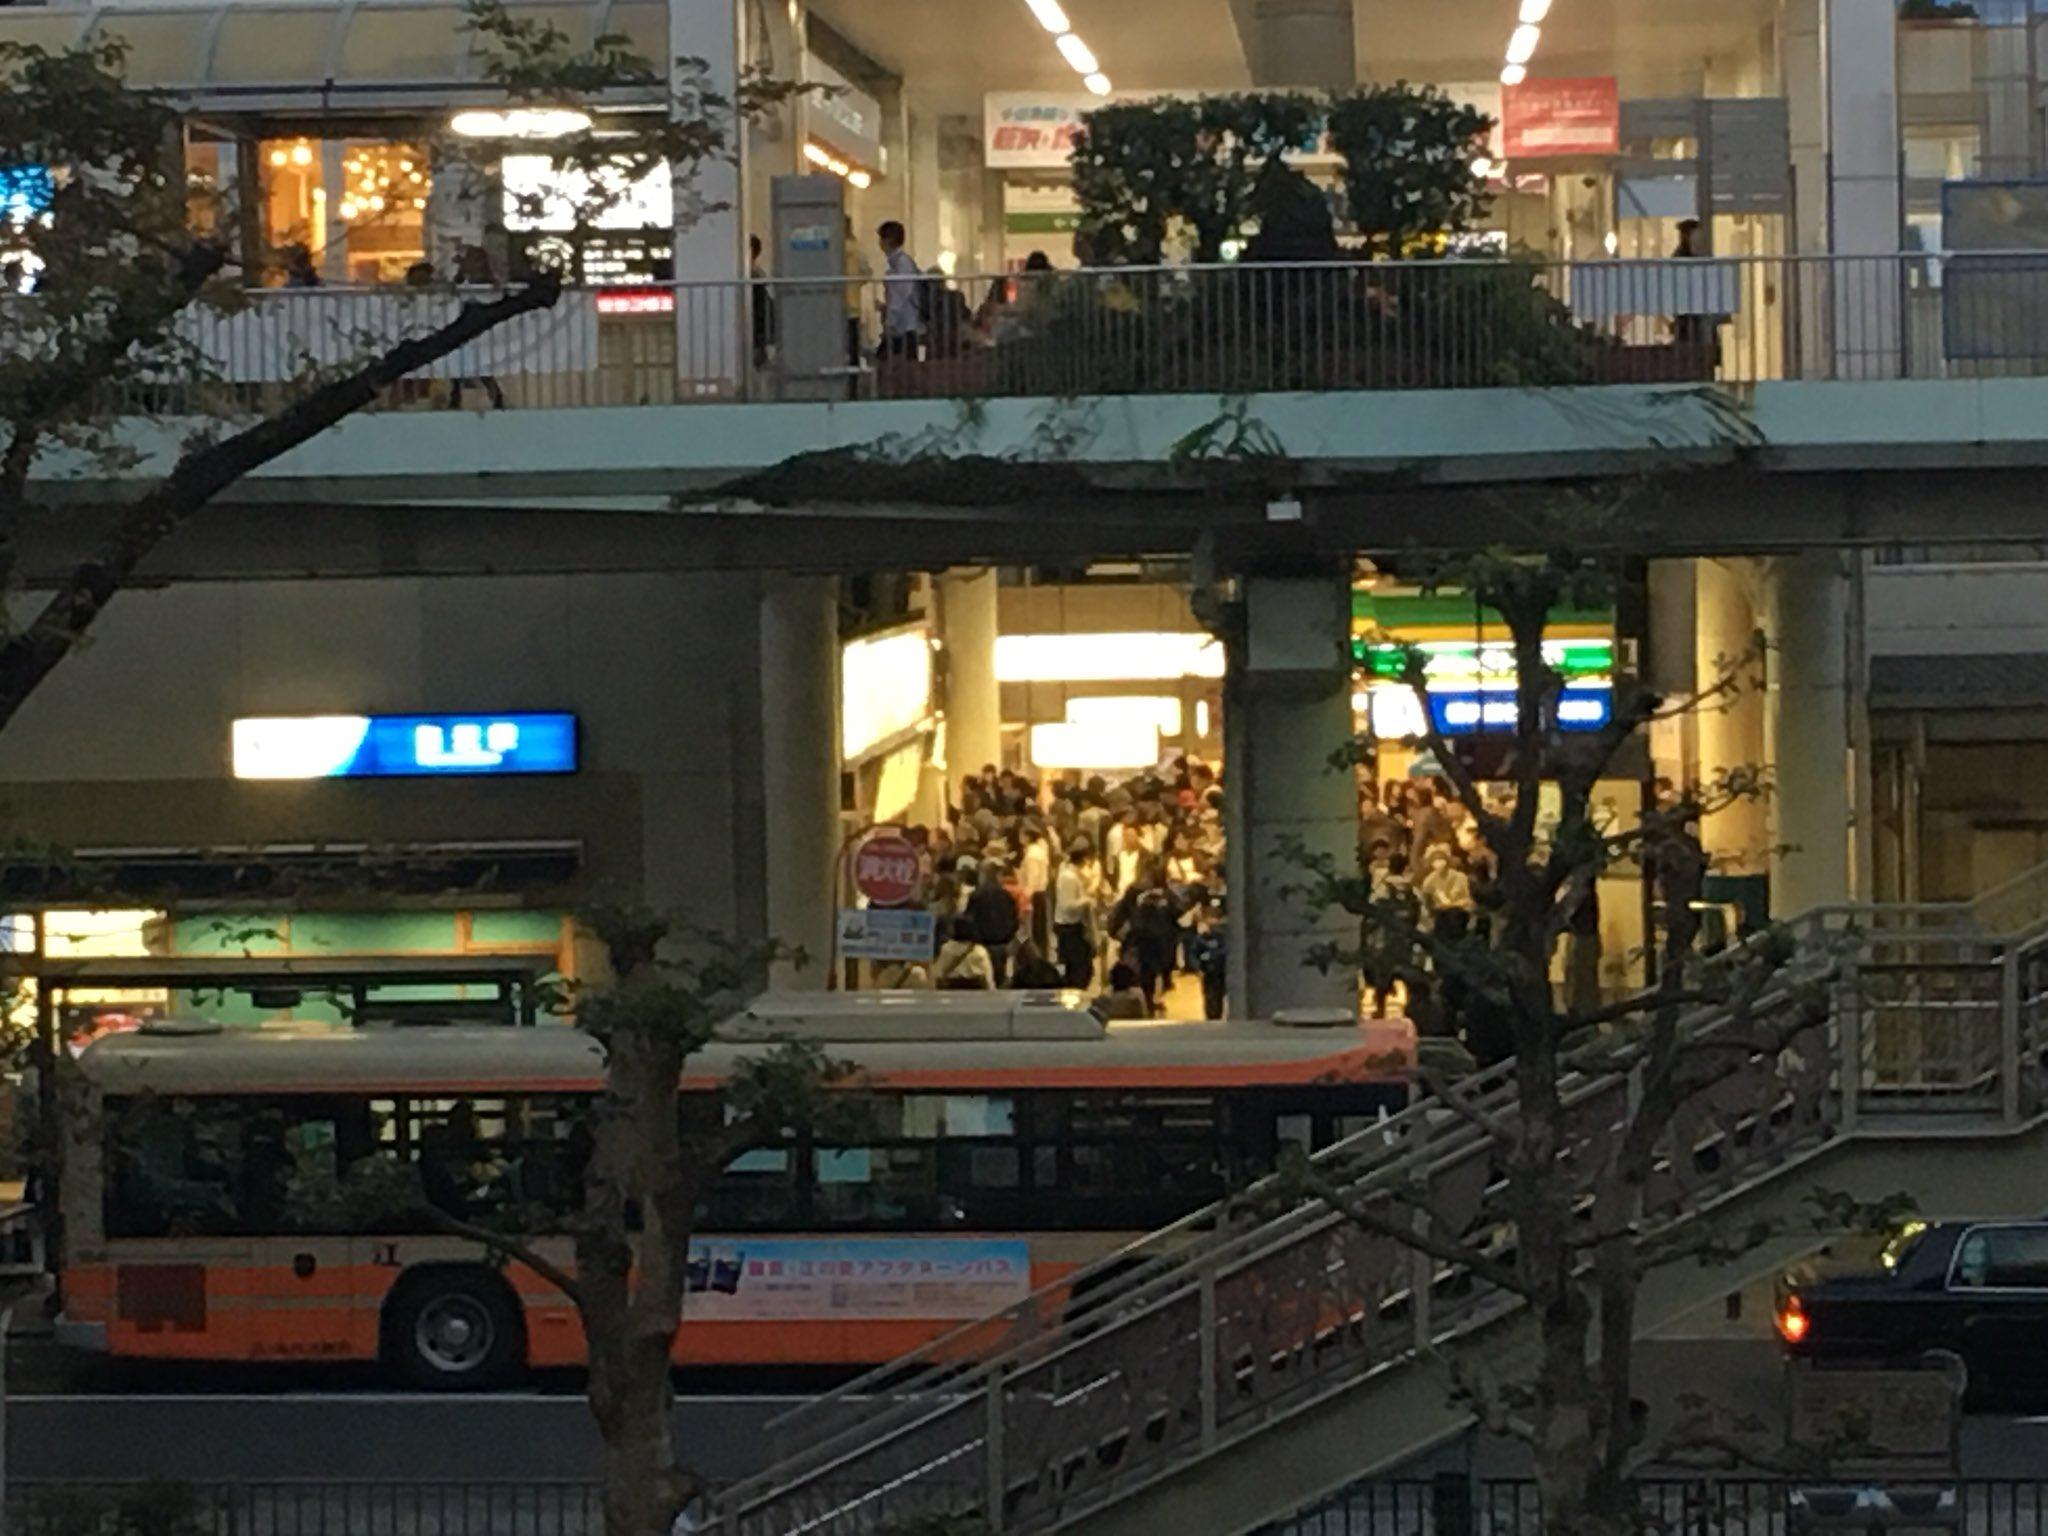 画像,藤沢駅にアリが群がってる https://t.co/2JiA1ddJ3F。